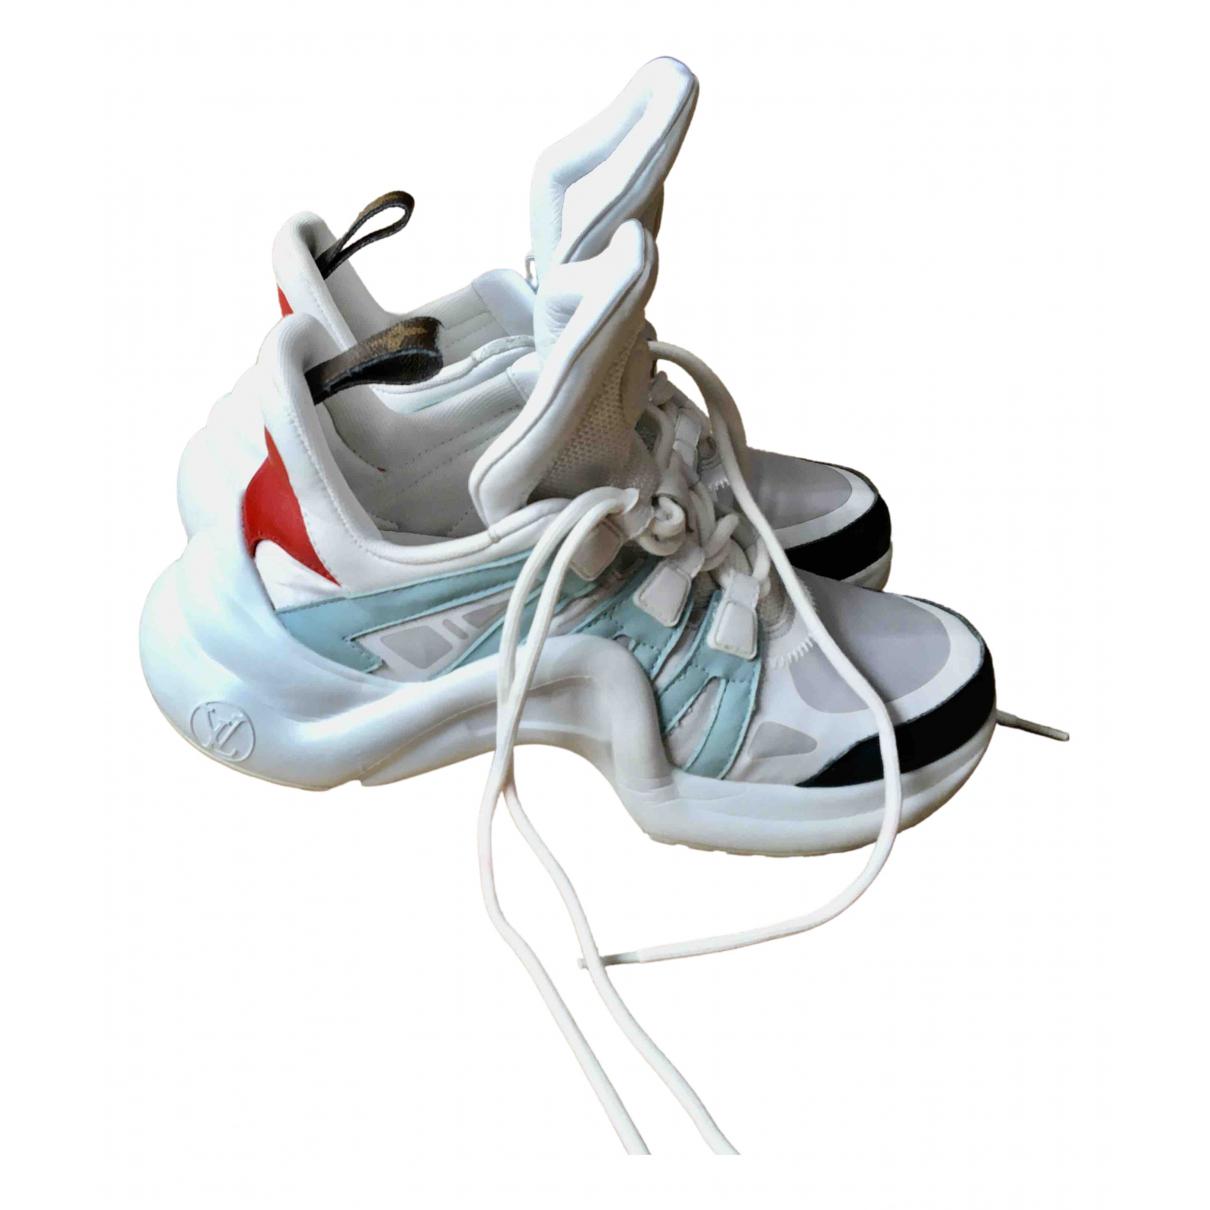 Louis Vuitton - Baskets Archlight pour femme - blanc